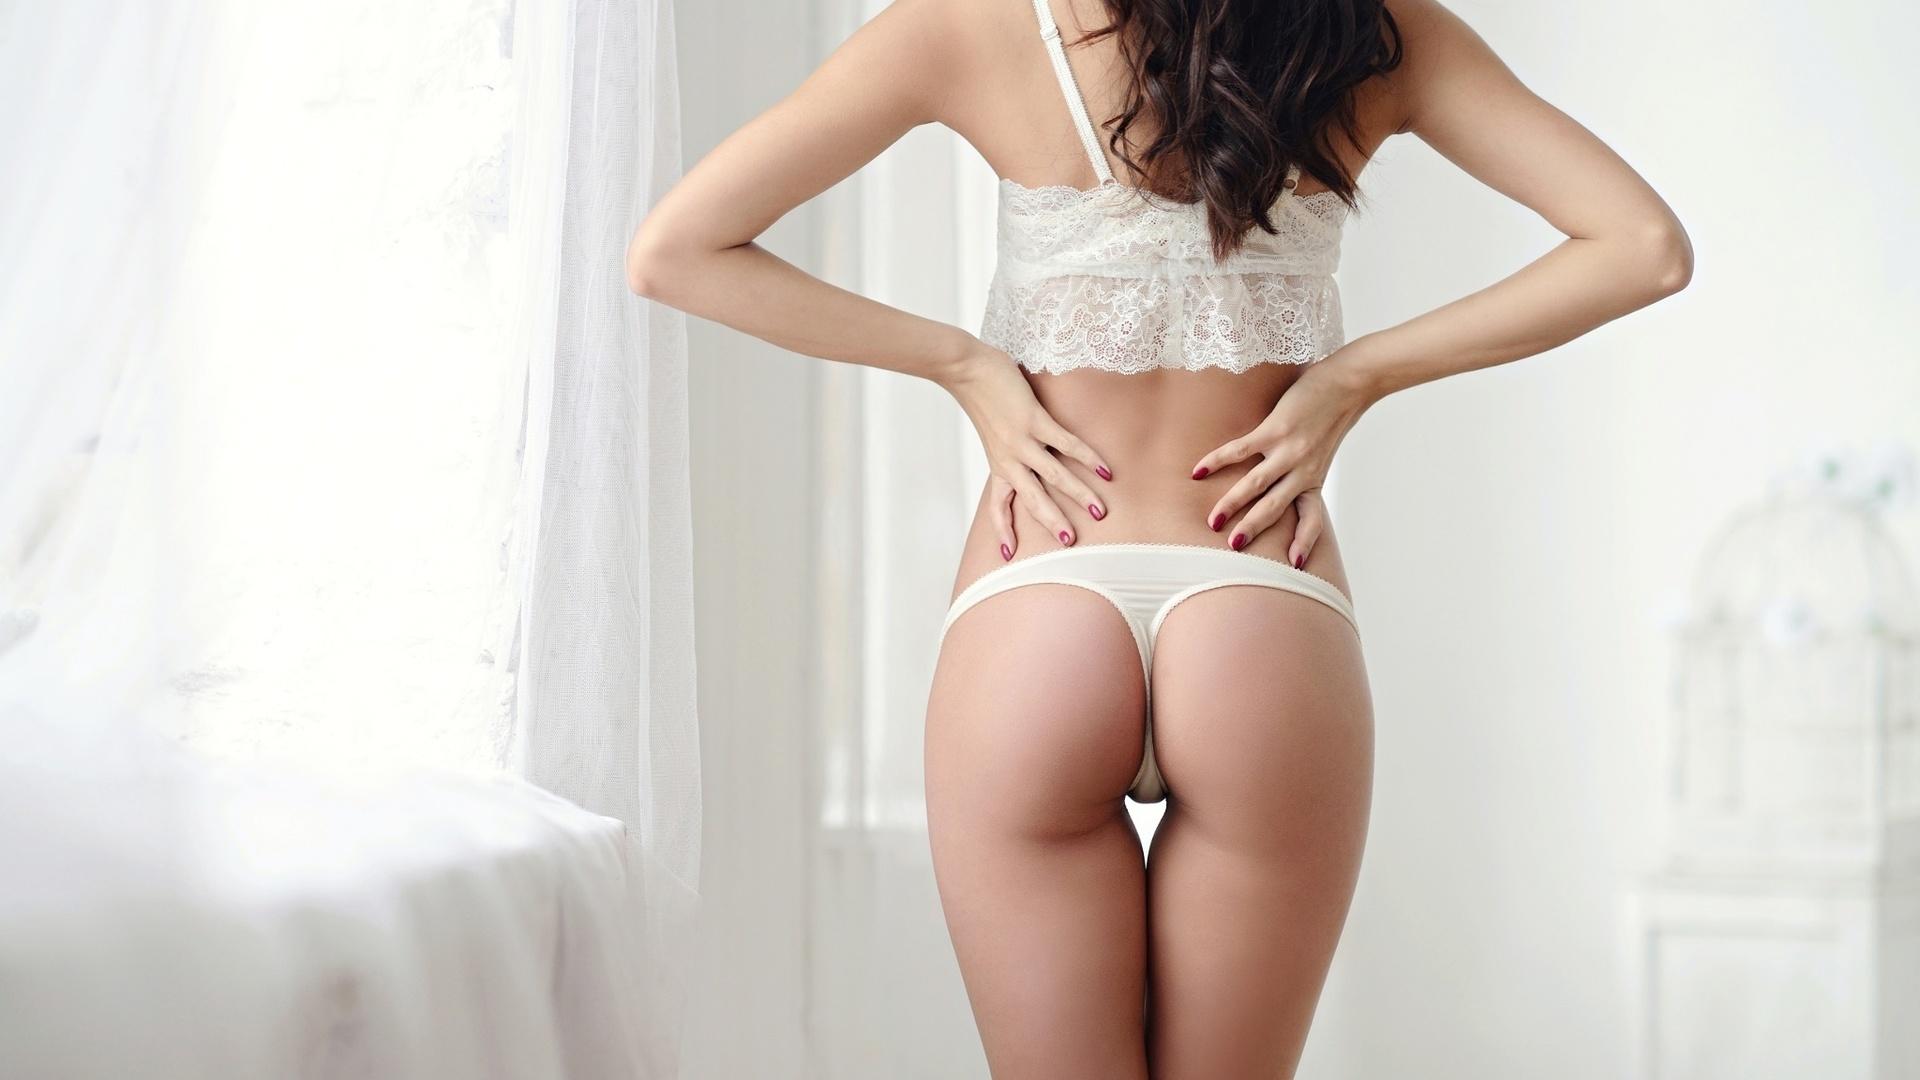 Фото девочка раздвинула попу, Девушки раздвигают попку частное фото - Частное секс 20 фотография